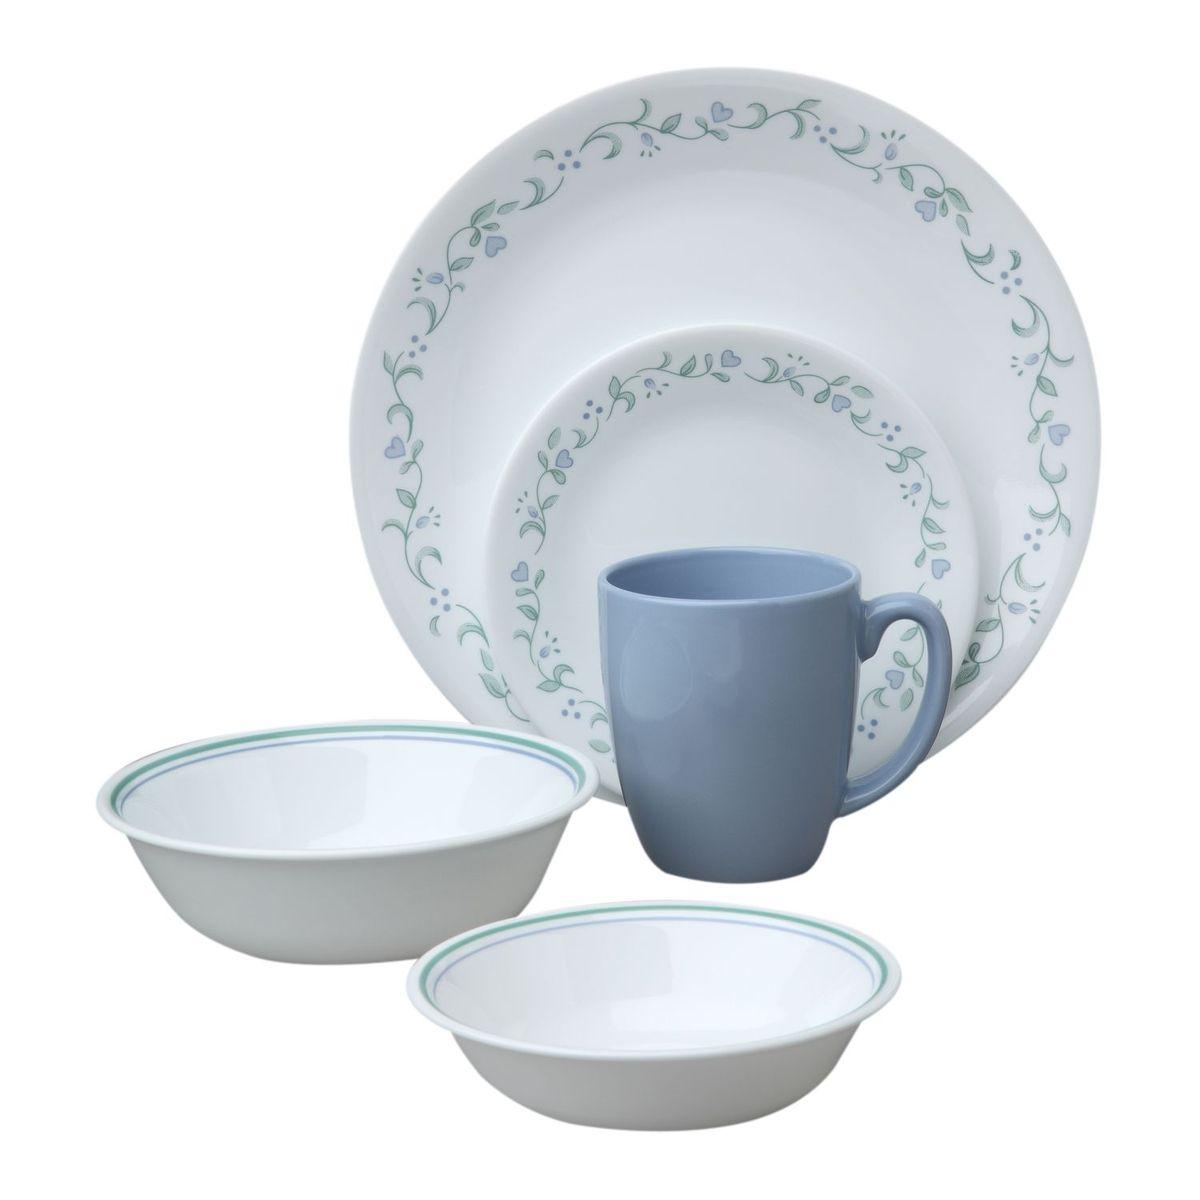 Набор посуды Country Cottage 18пр, цвет: белый с узором1114099Преимуществами посуды Corelle являются долговечность, красота и безопасность в использовании. Вся посуда Corelle изготавливается из высококачественного ударопрочного трехслойного стекла Vitrelle и украшена деколями американских и европейских дизайнеров. Рисунки не стираются и не царапаются, не теряют свою яркость на протяжении многих лет. Посуда Corelle не впитывает запахов и очень долгое время выглядит как новая. Уникальная эмаль, используемая во время декорирования, фактически становится единым целым с поверхностью стекла, что гарантирует долгое сохранение нанесенного рисунка. Еще одним из главных преимуществ посуды Corelle является ее безопасность. В производстве используются только безопасные для пищи пигменты эмали, при производстве посуды не применяется вредный для здоровья человека меламин. Изделия из материала Vitrelle:...